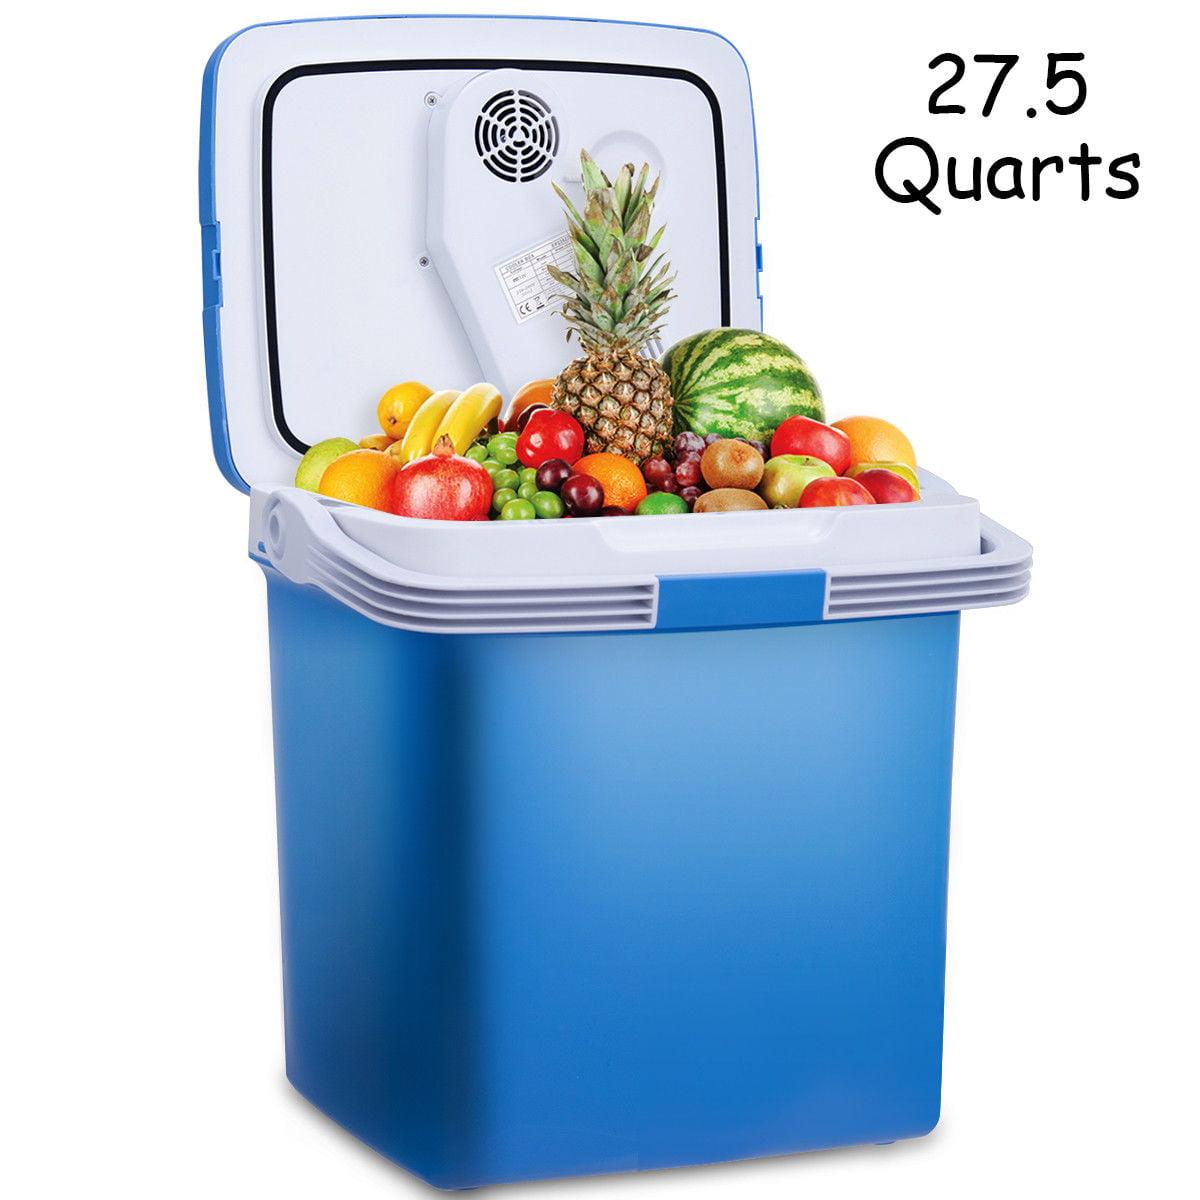 756a931a1b3 Gymax 26L Portable Electric Cooler Fridge Food Warmer Digital Plug ...